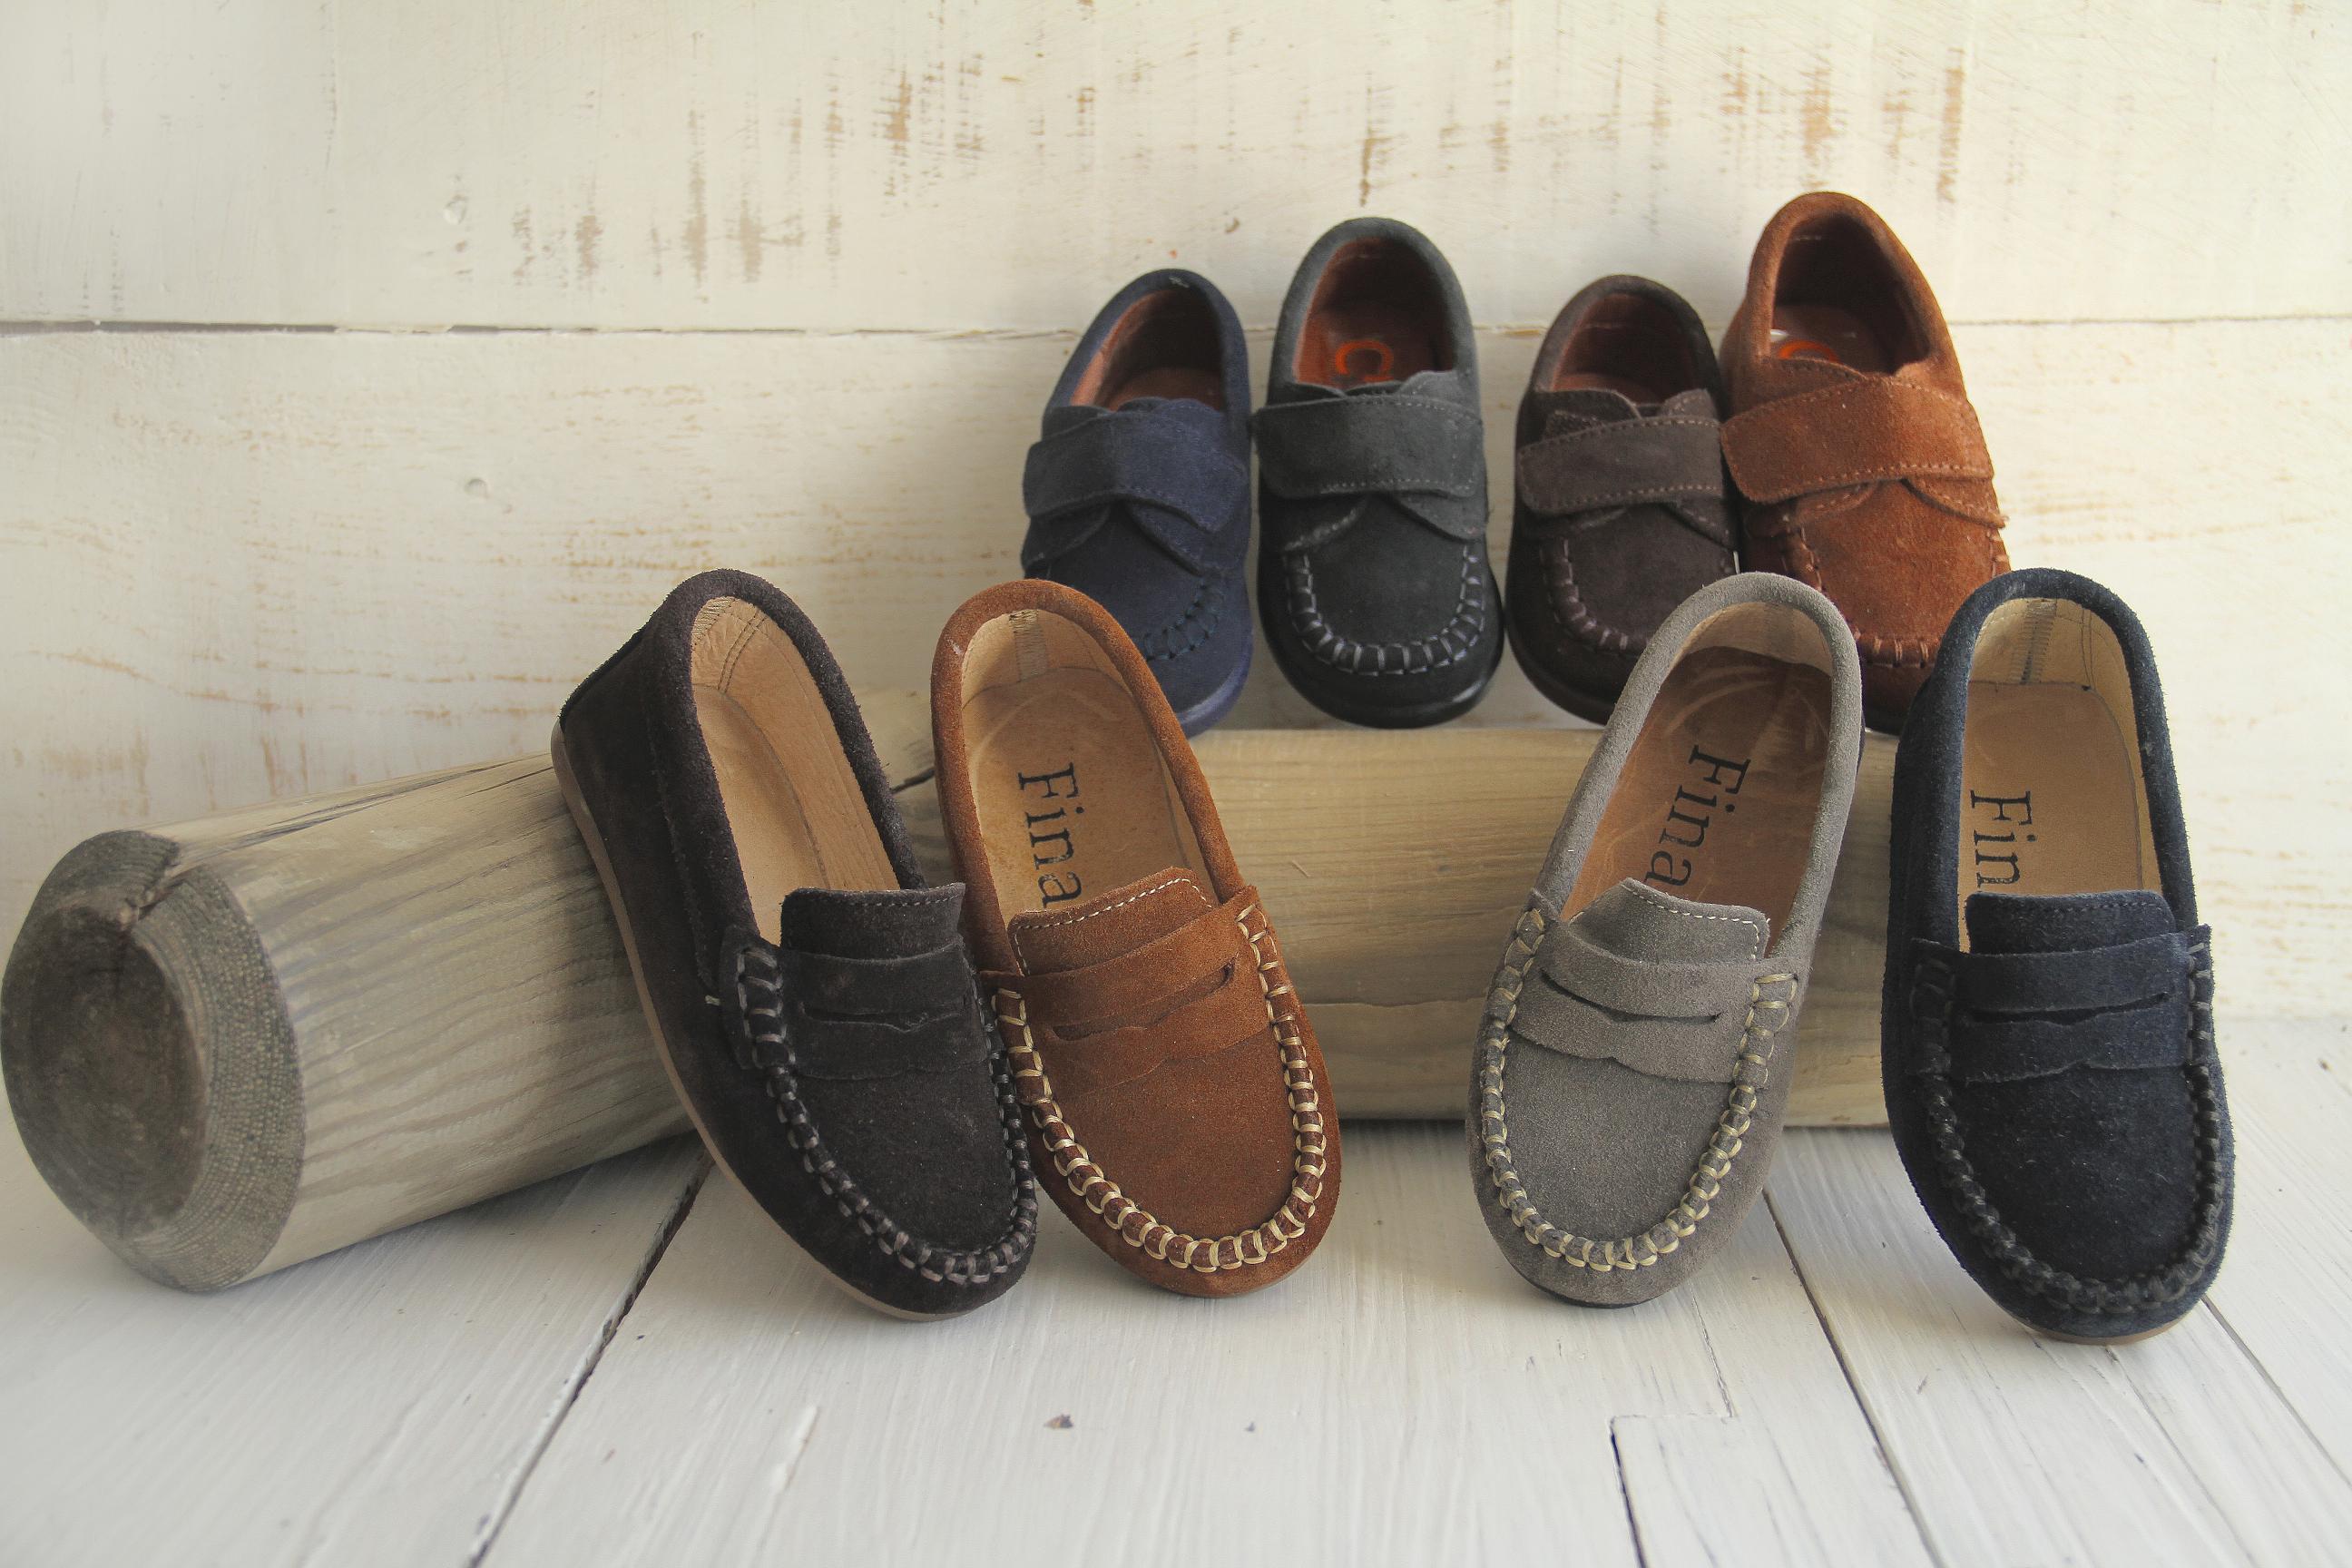 Chaussures D'été Pour Les Enfants Dhhz1FQoDL